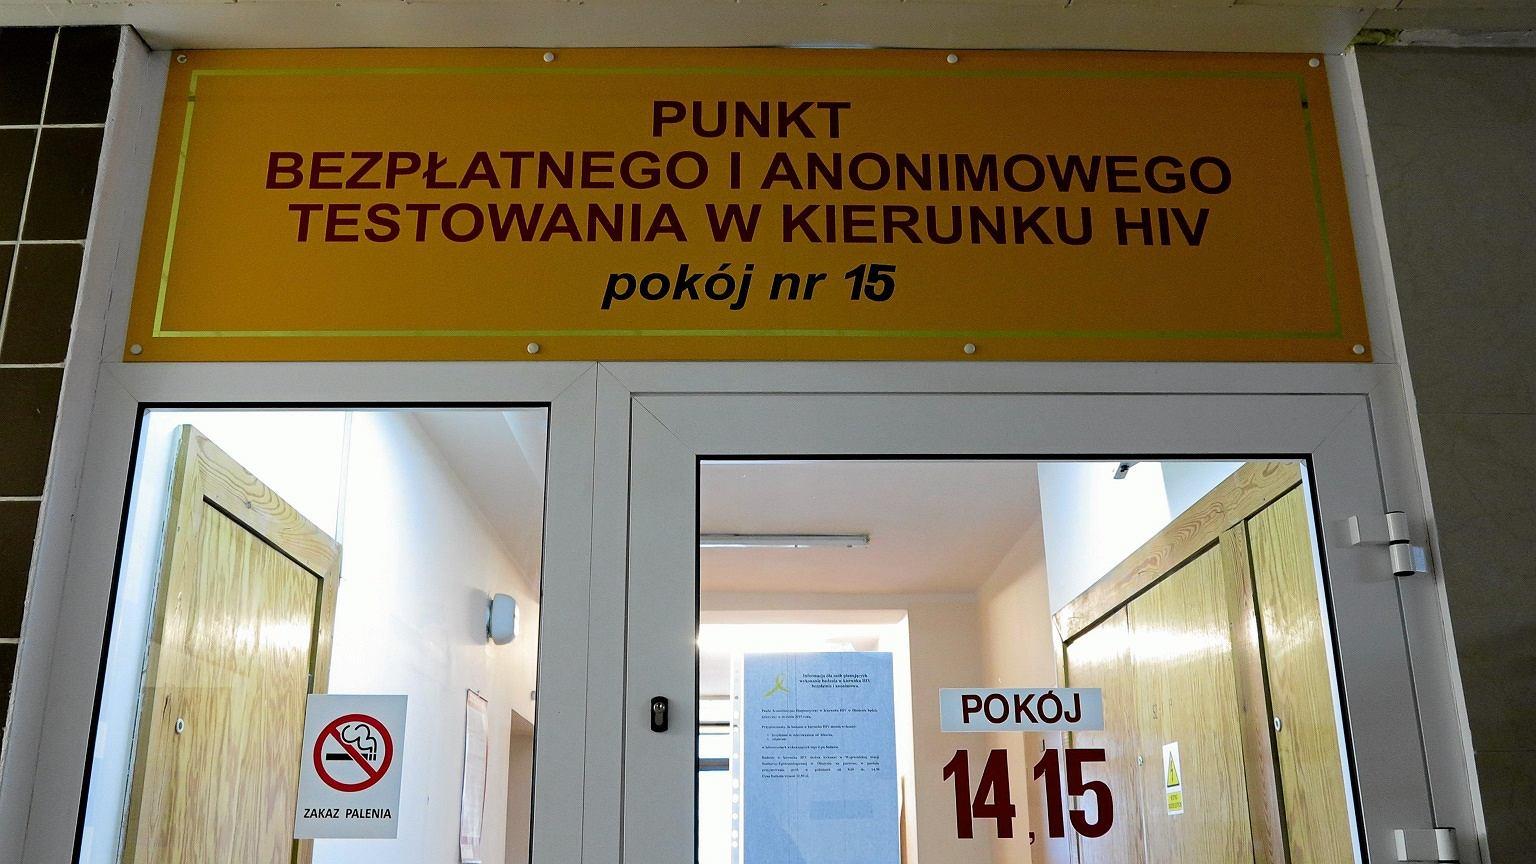 Polacy wciąż nie badają się na obecność wirusa HIV we krwi. Zaledwie co 10 osoba wykonała test